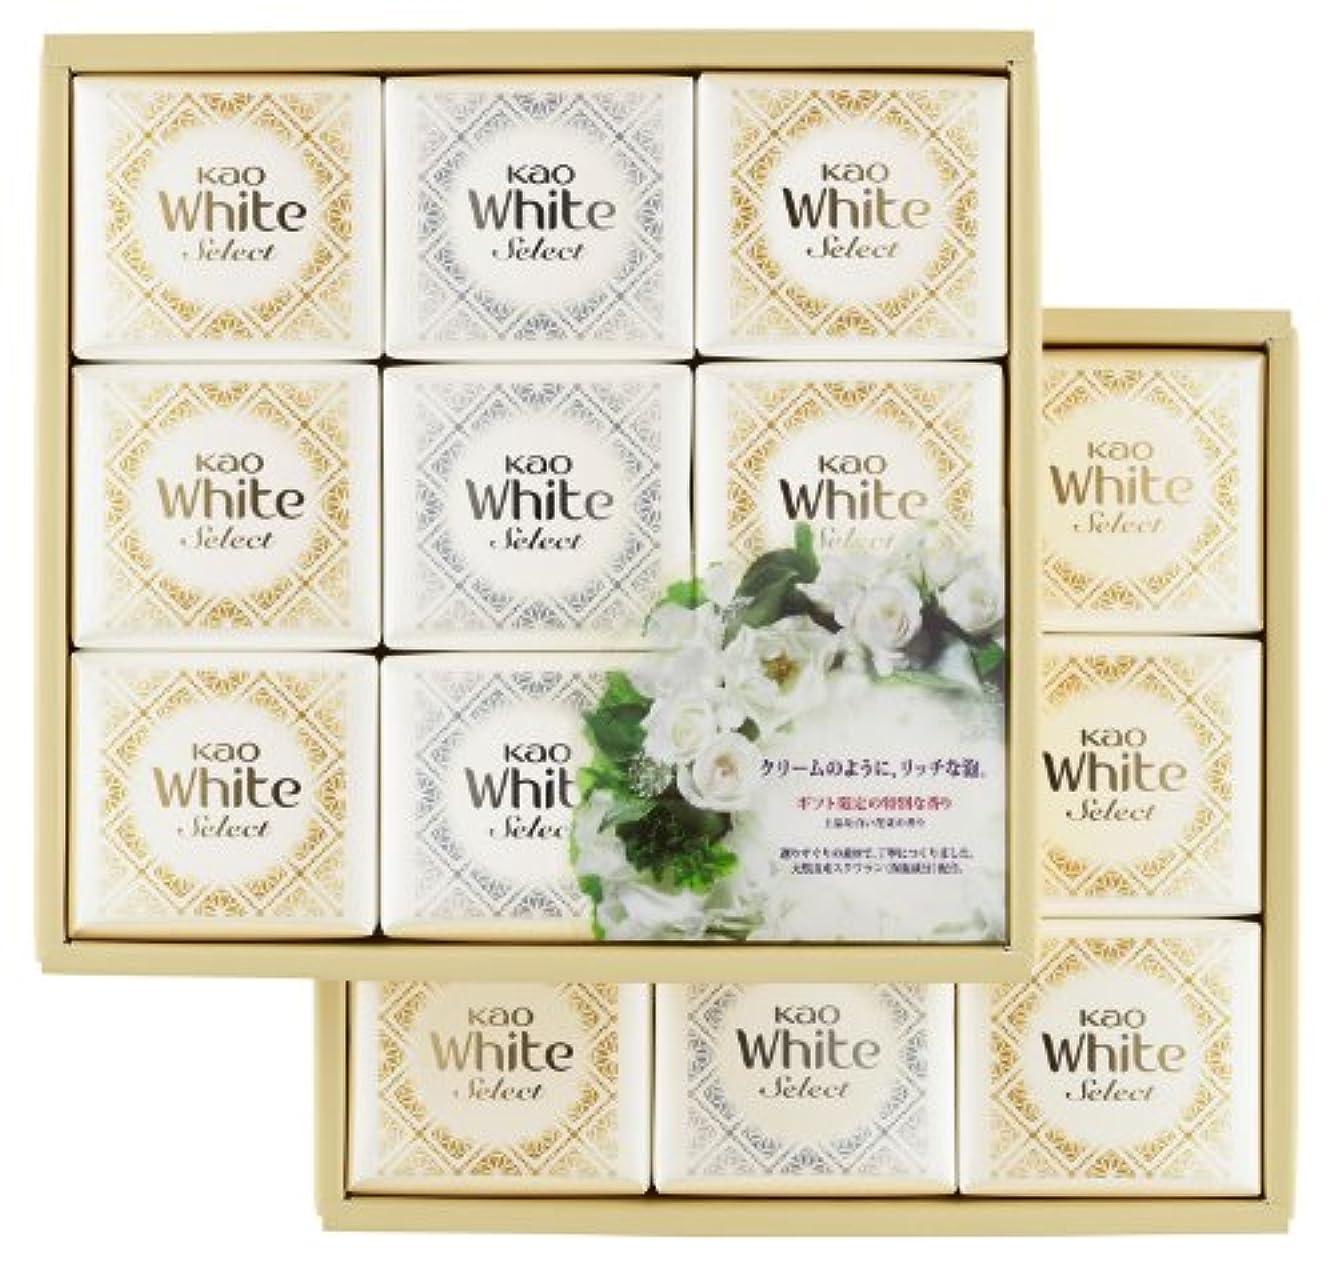 タービン保険をかける静める花王ホワイト セレクト 上品な白い花束の香り 85g 18コ K?WS-30